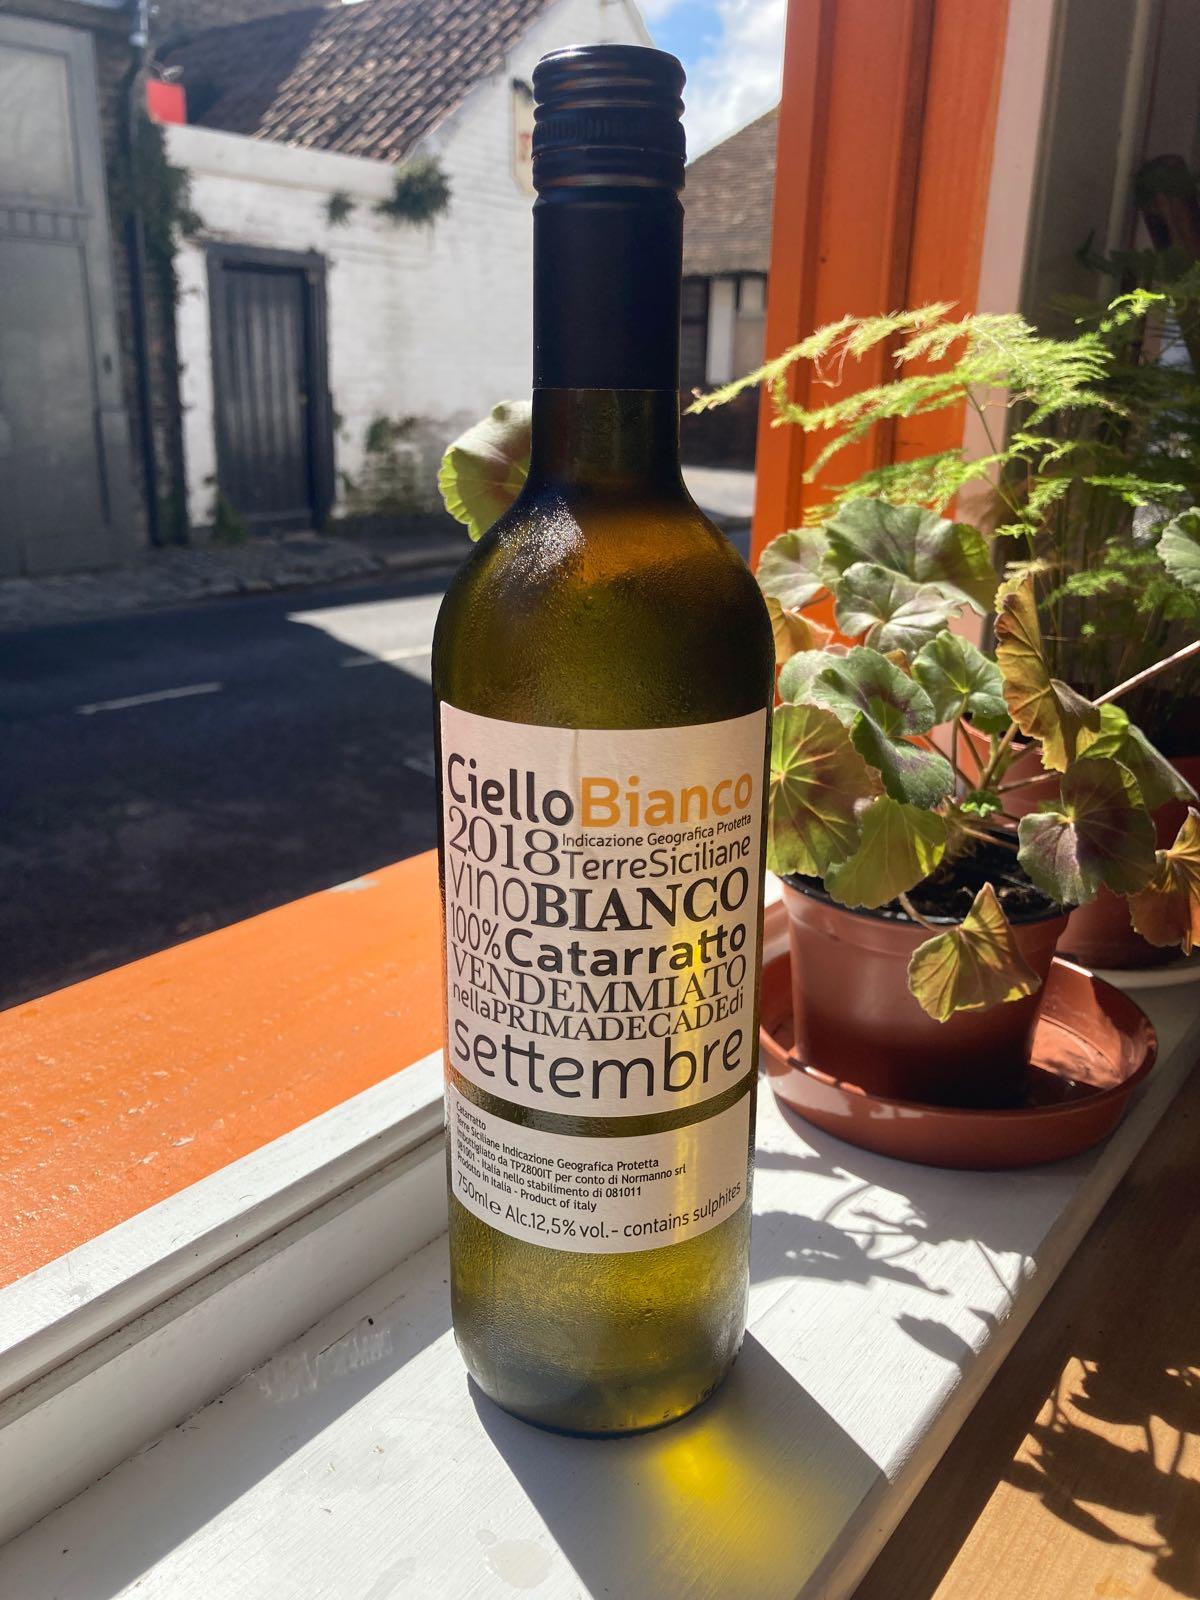 Ciello Bianco - Catarratto (12.5%)(Sicily)